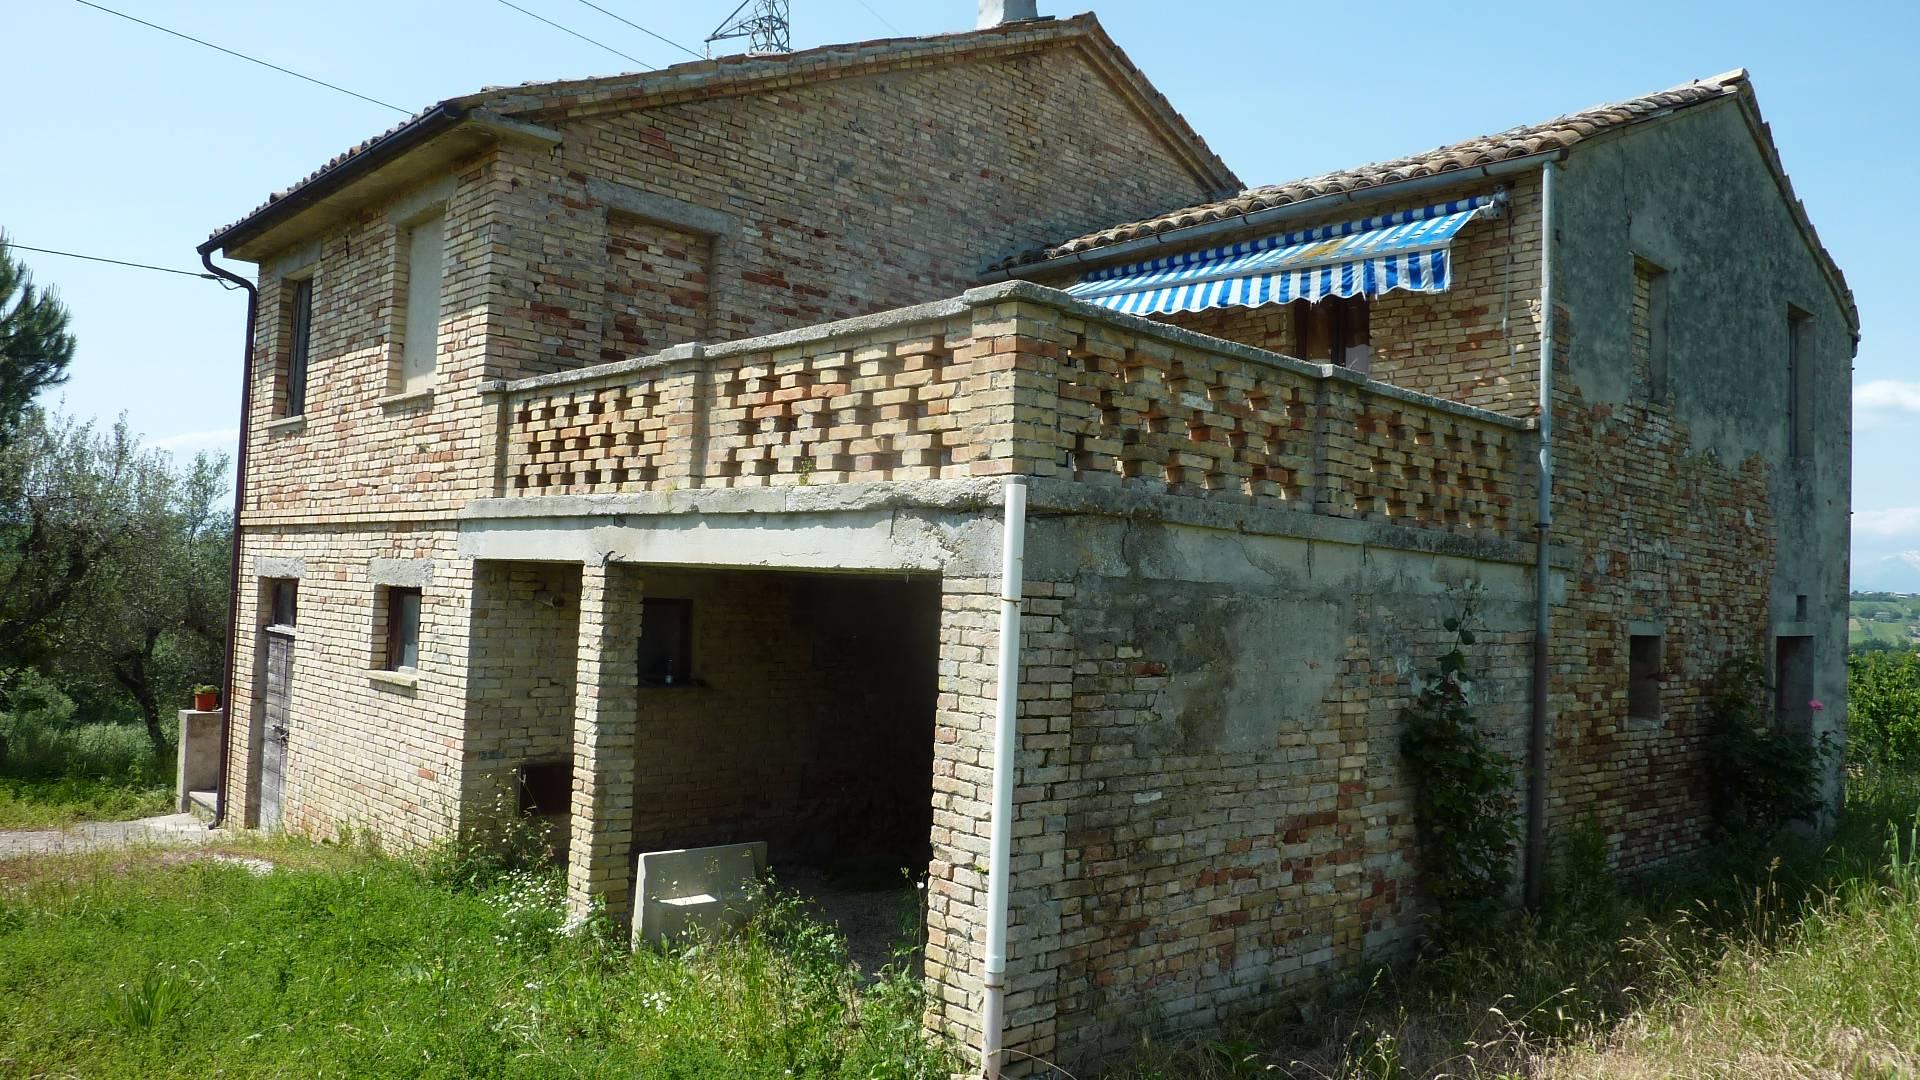 Rustico / Casale in vendita a Monsampolo del Tronto, 10 locali, zona Zona: Monsampolo, prezzo € 120.000 | CambioCasa.it